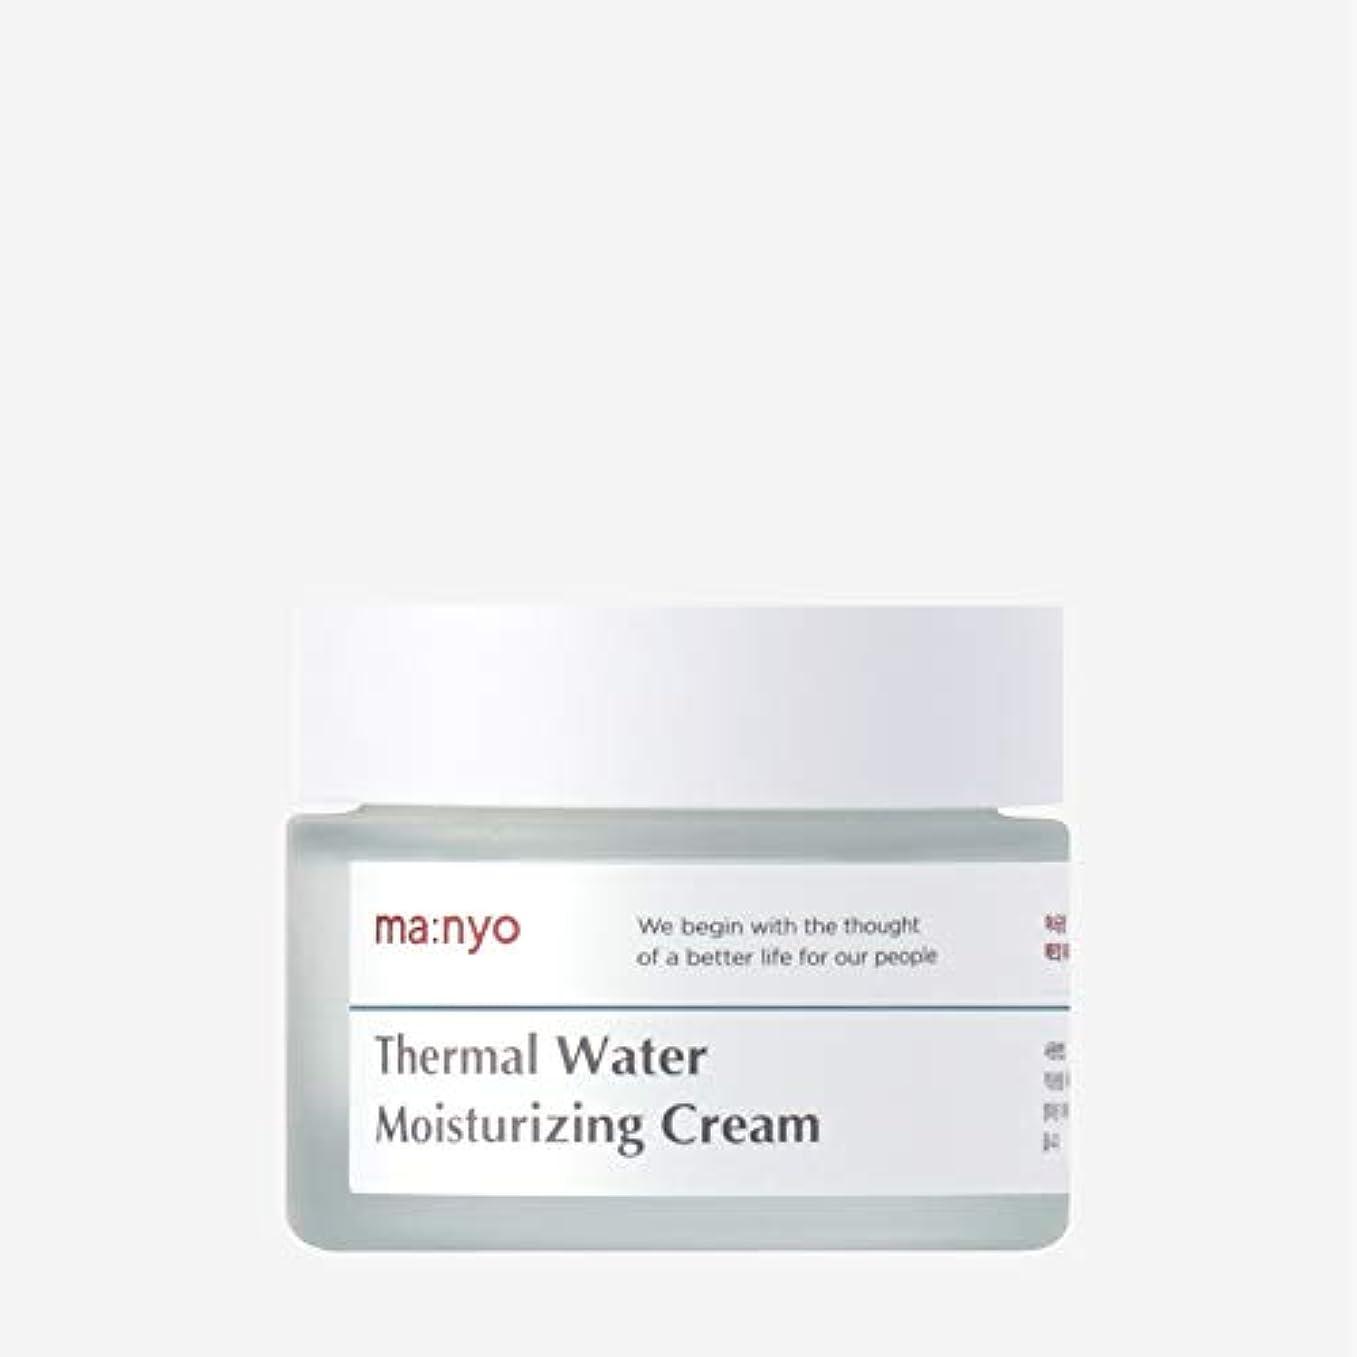 広々エゴマニア公使館魔女工場(Manyo Factory) 温泉水ミネラルクリーム 50ml / 天然ミネラル、チェコ温泉水67%で保湿補充